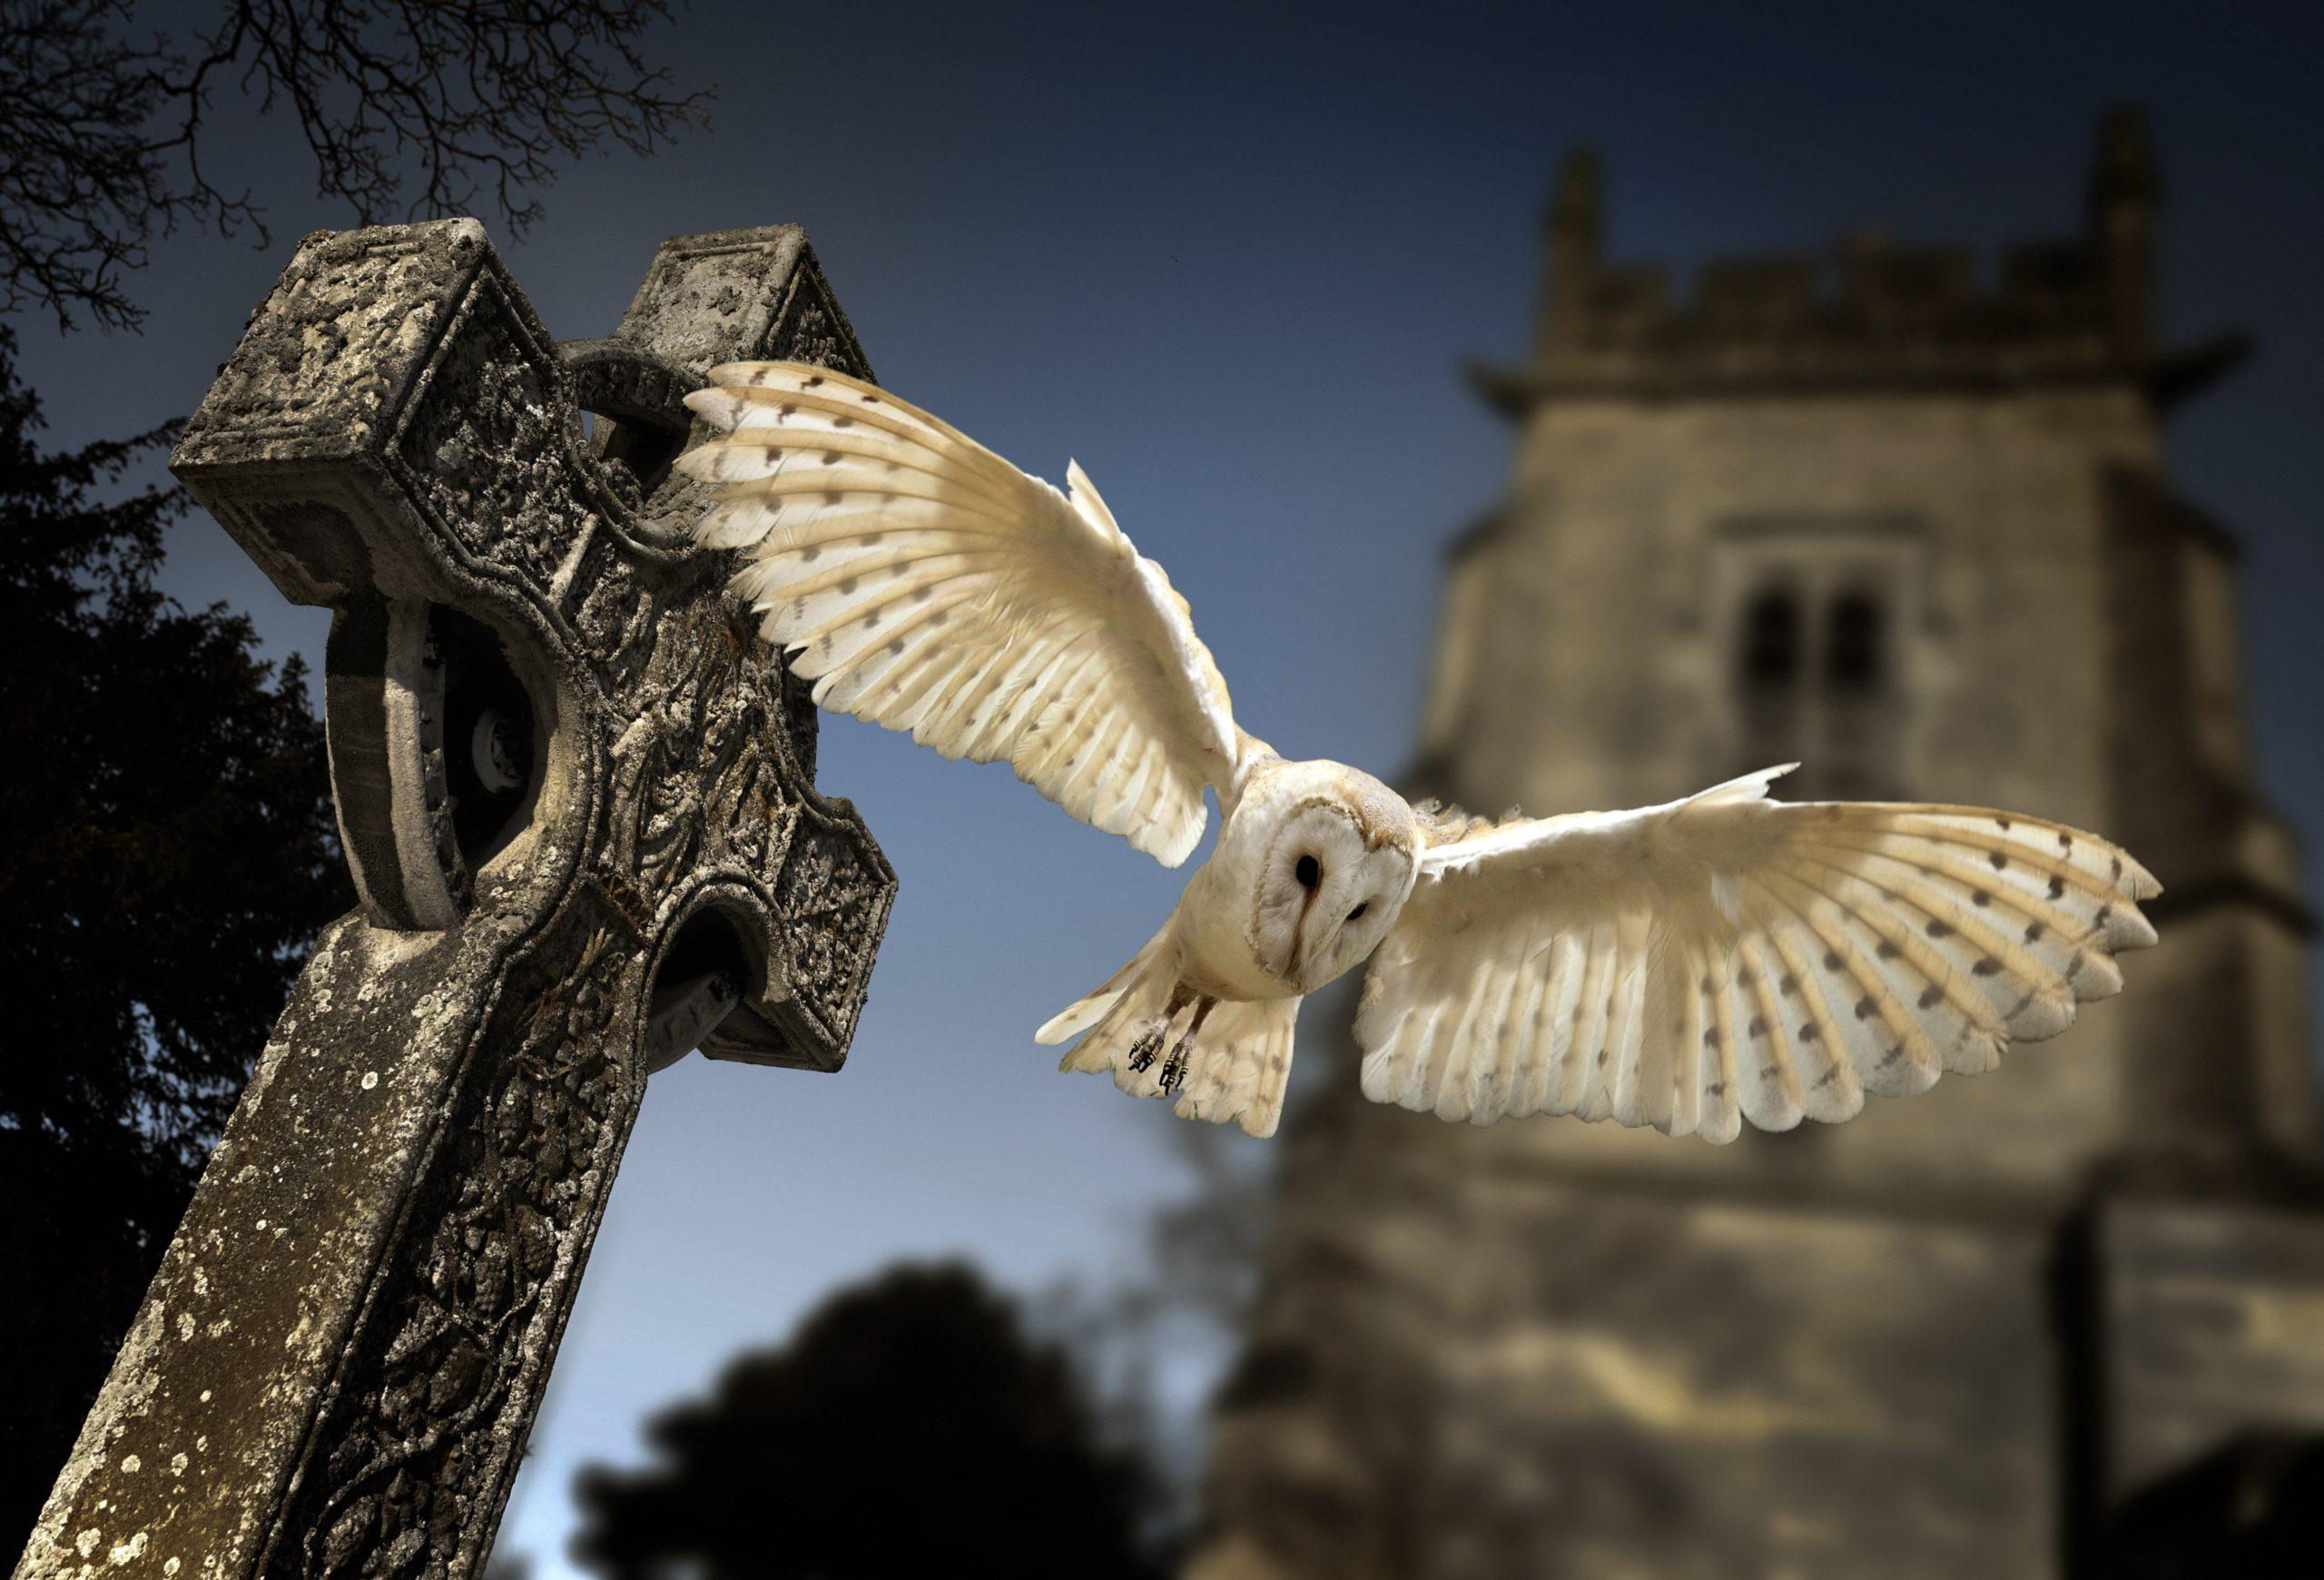 Funerals - Owl in grave yard